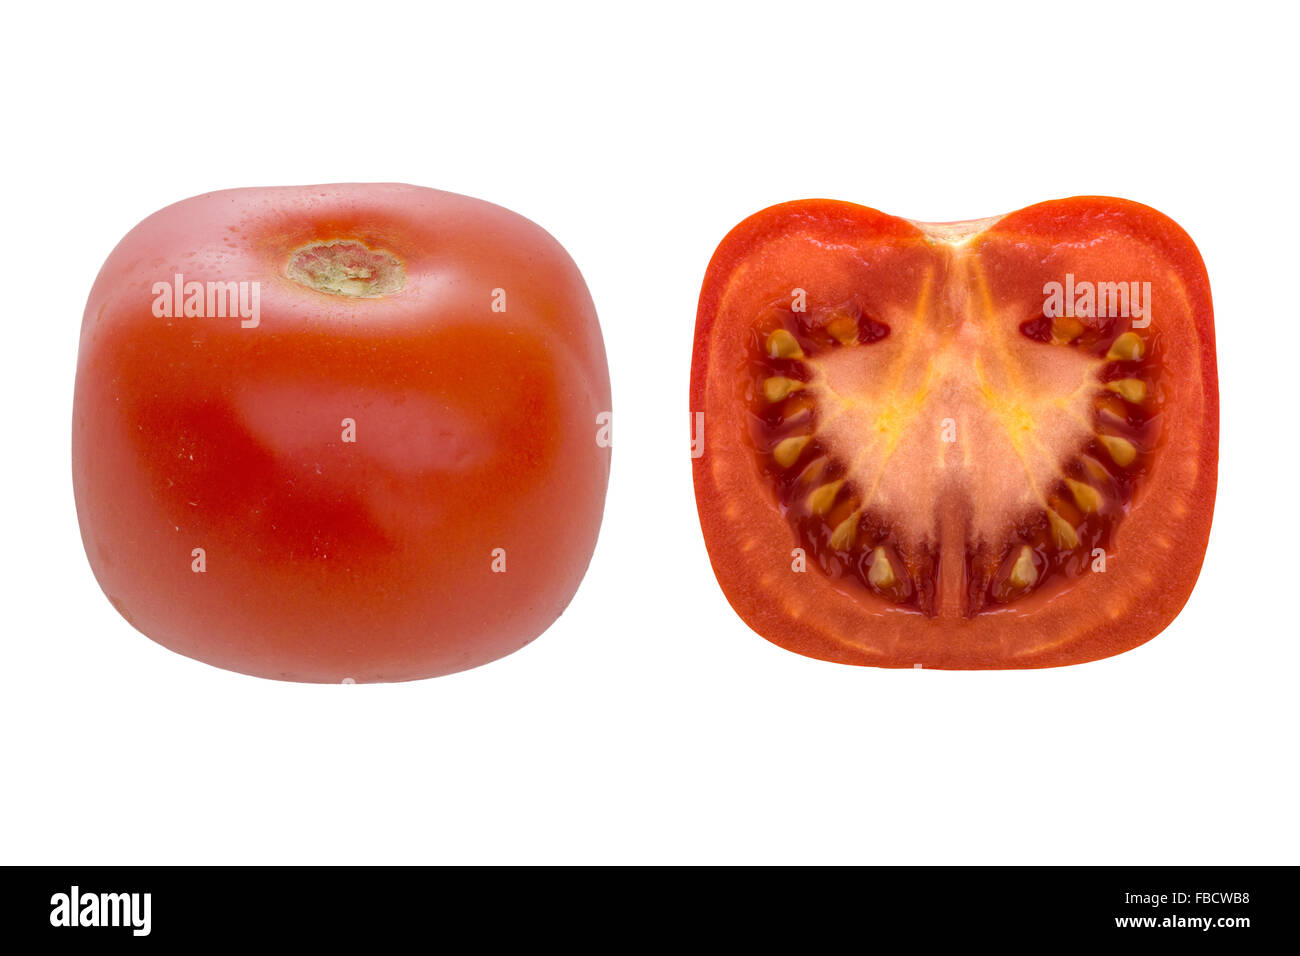 Square de la tomate. Les aliments génétiquement modifiés. Isolé sur blanc. Photo Stock